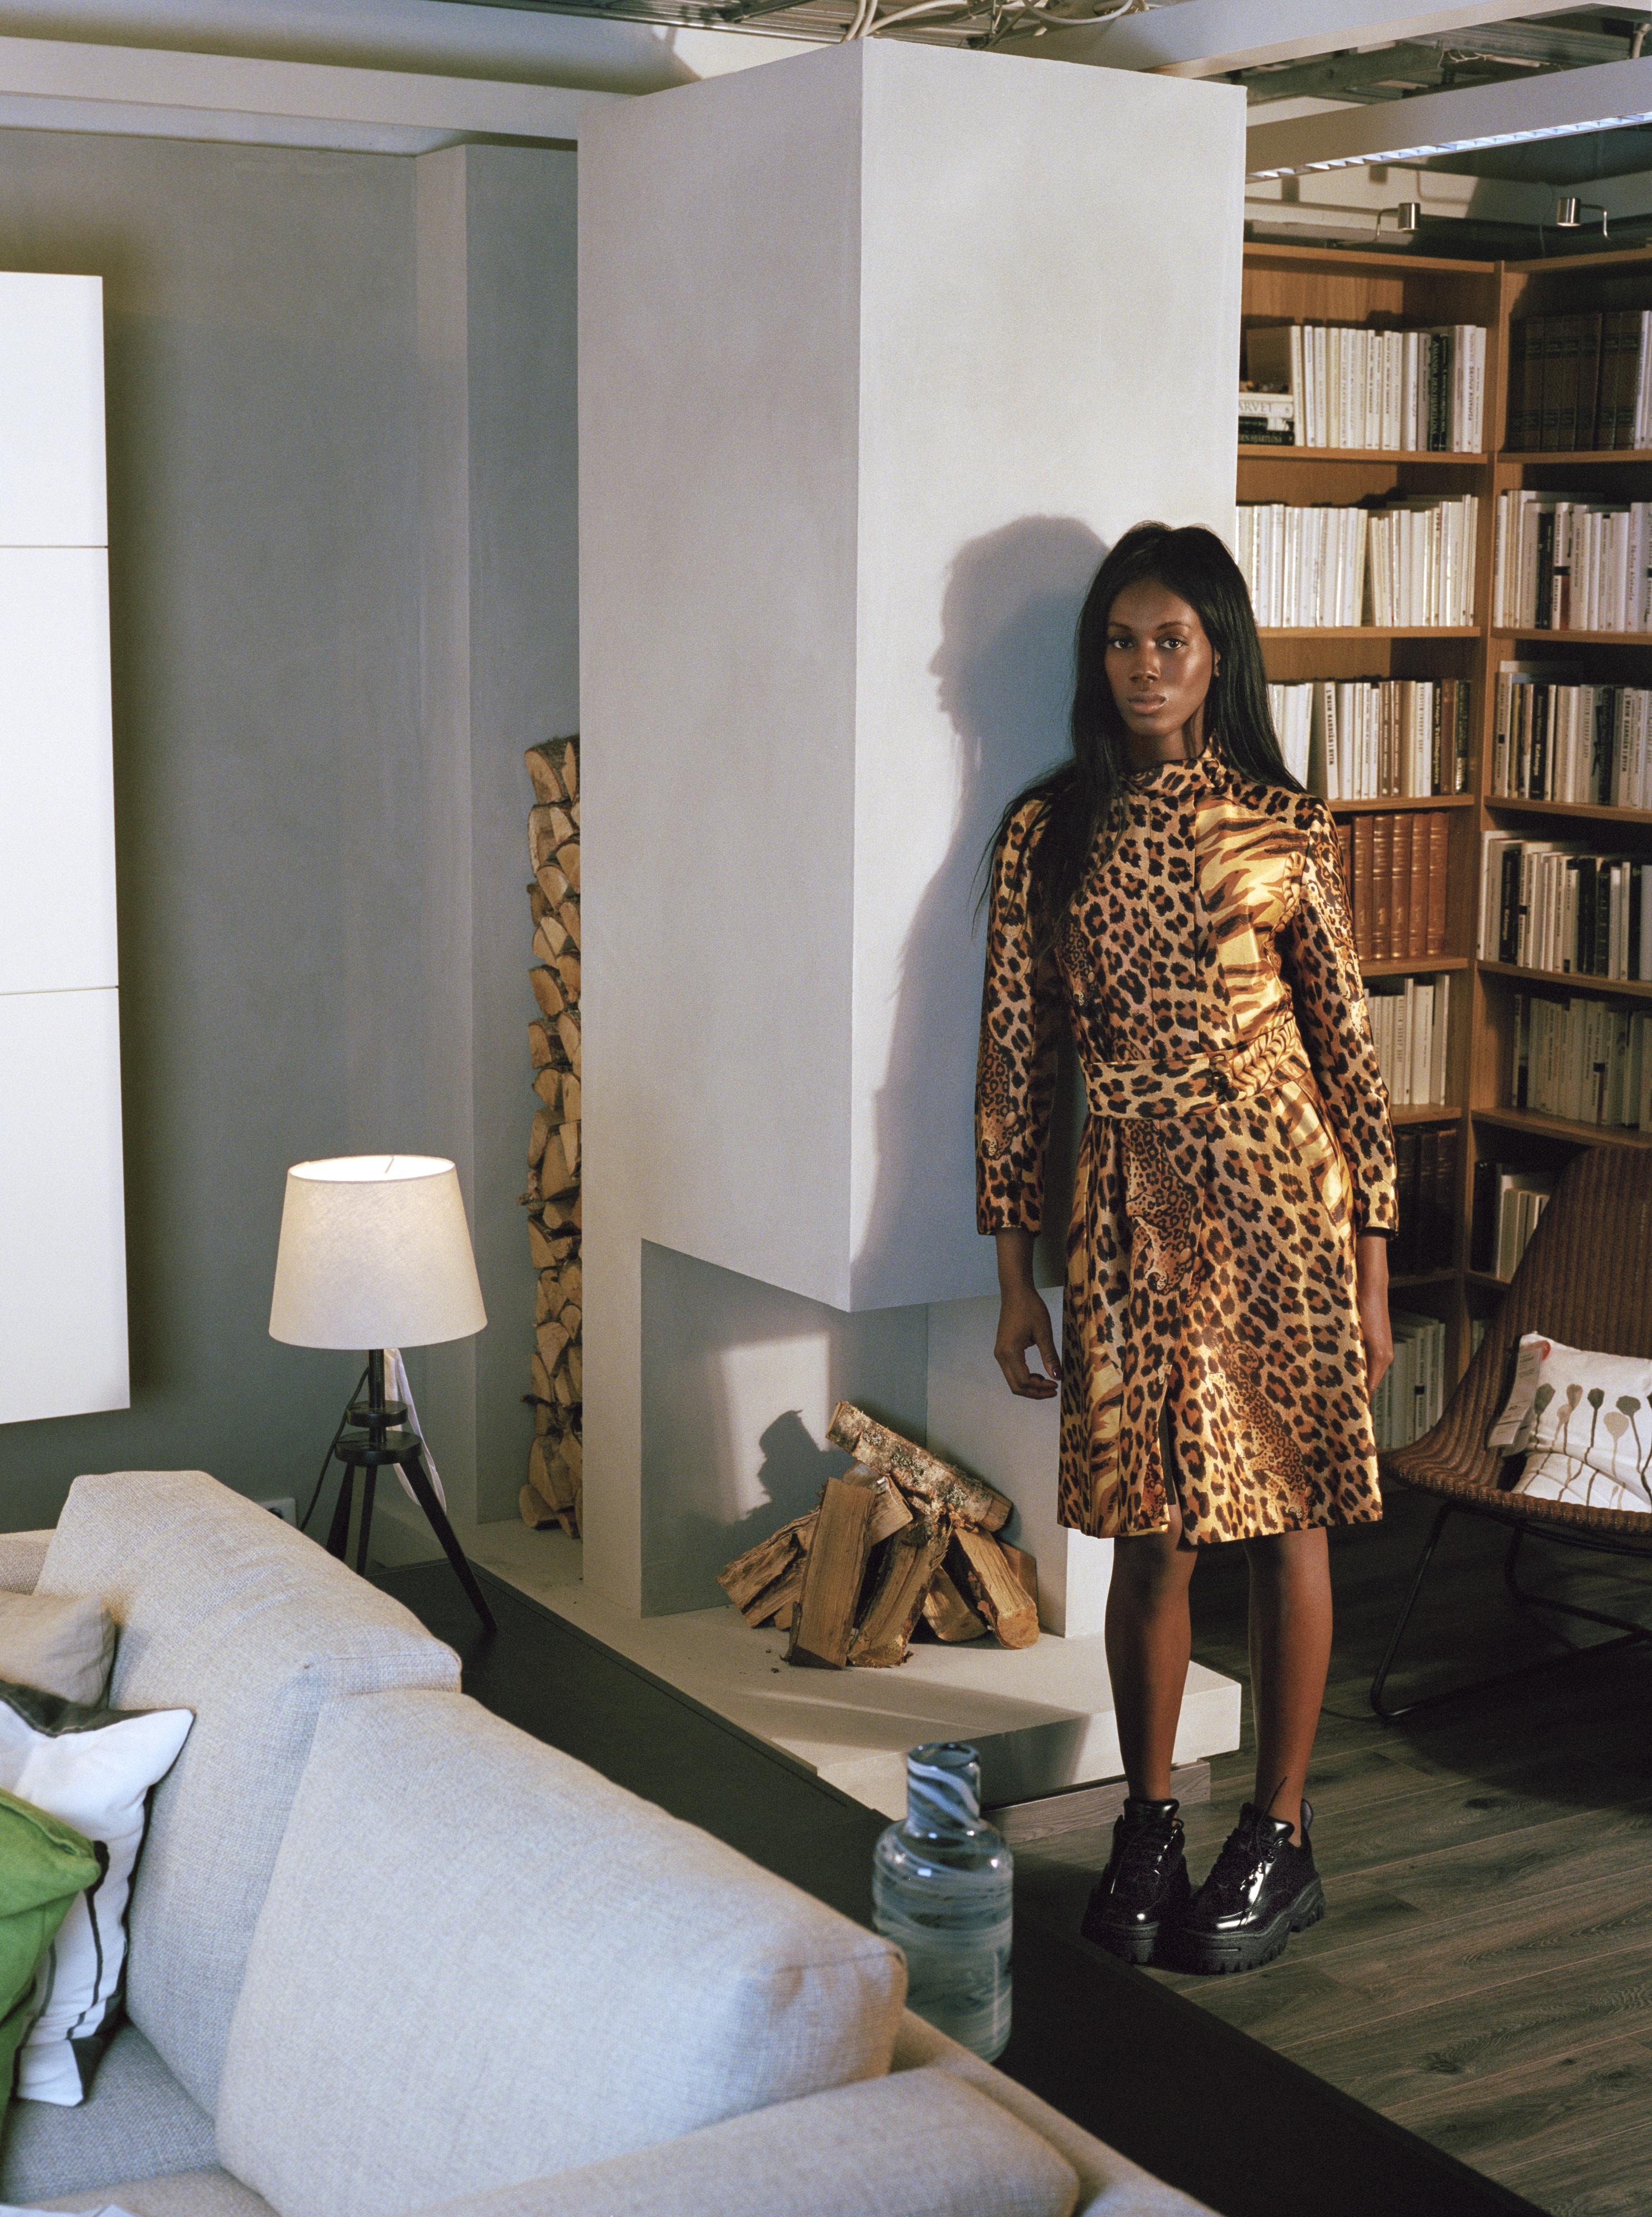 Buffalo Zine Te Lleva Al Ikea M S Grande Y Fabuloso Del Mundo I D # Muebles Vestibulo Ikea